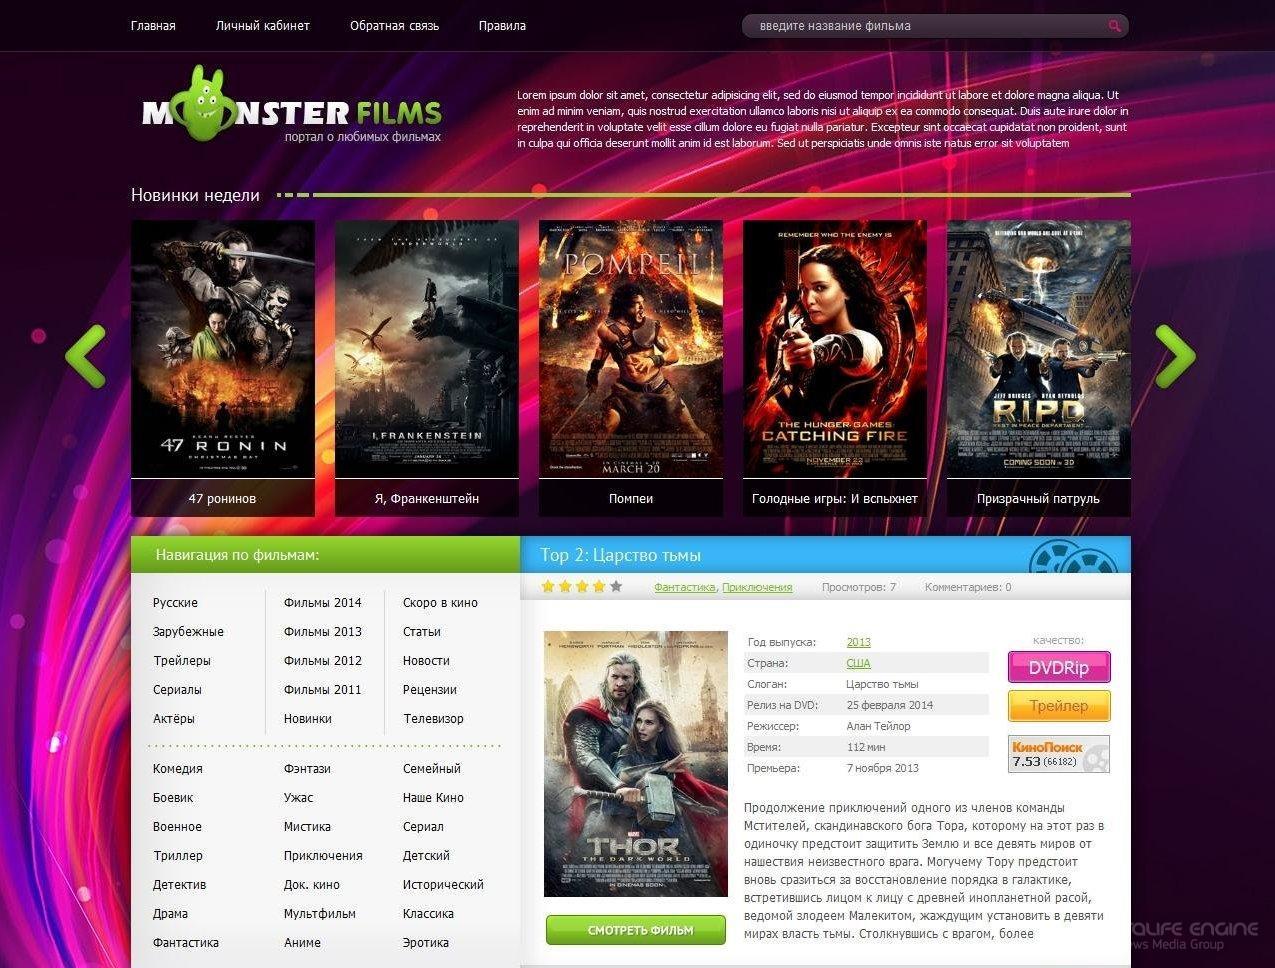 Шаблон сайта monsterfilms для ucoz